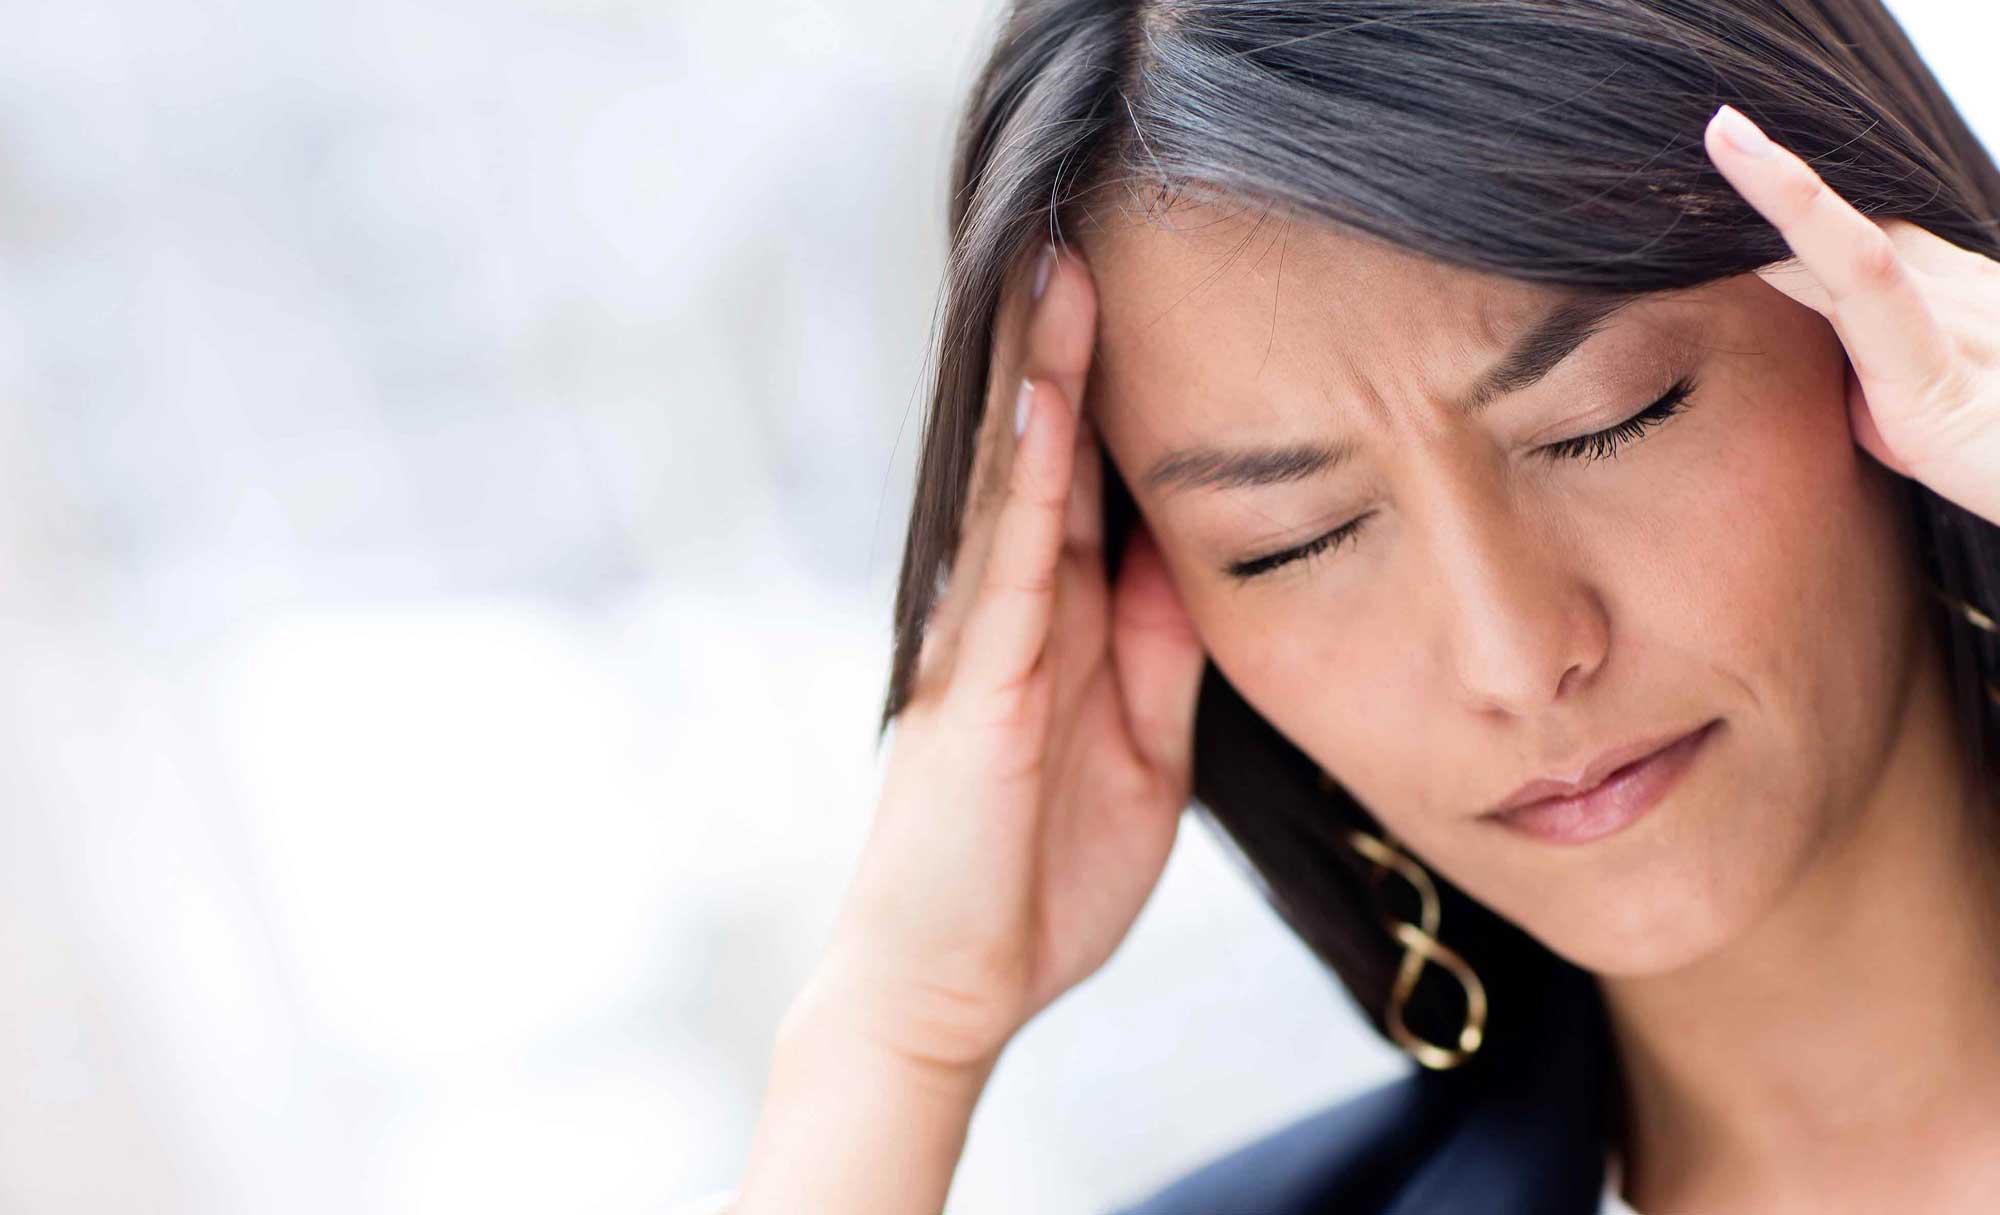 درمان گیاهی درمان گیاهی سردرد خوشه ایخوشه ای